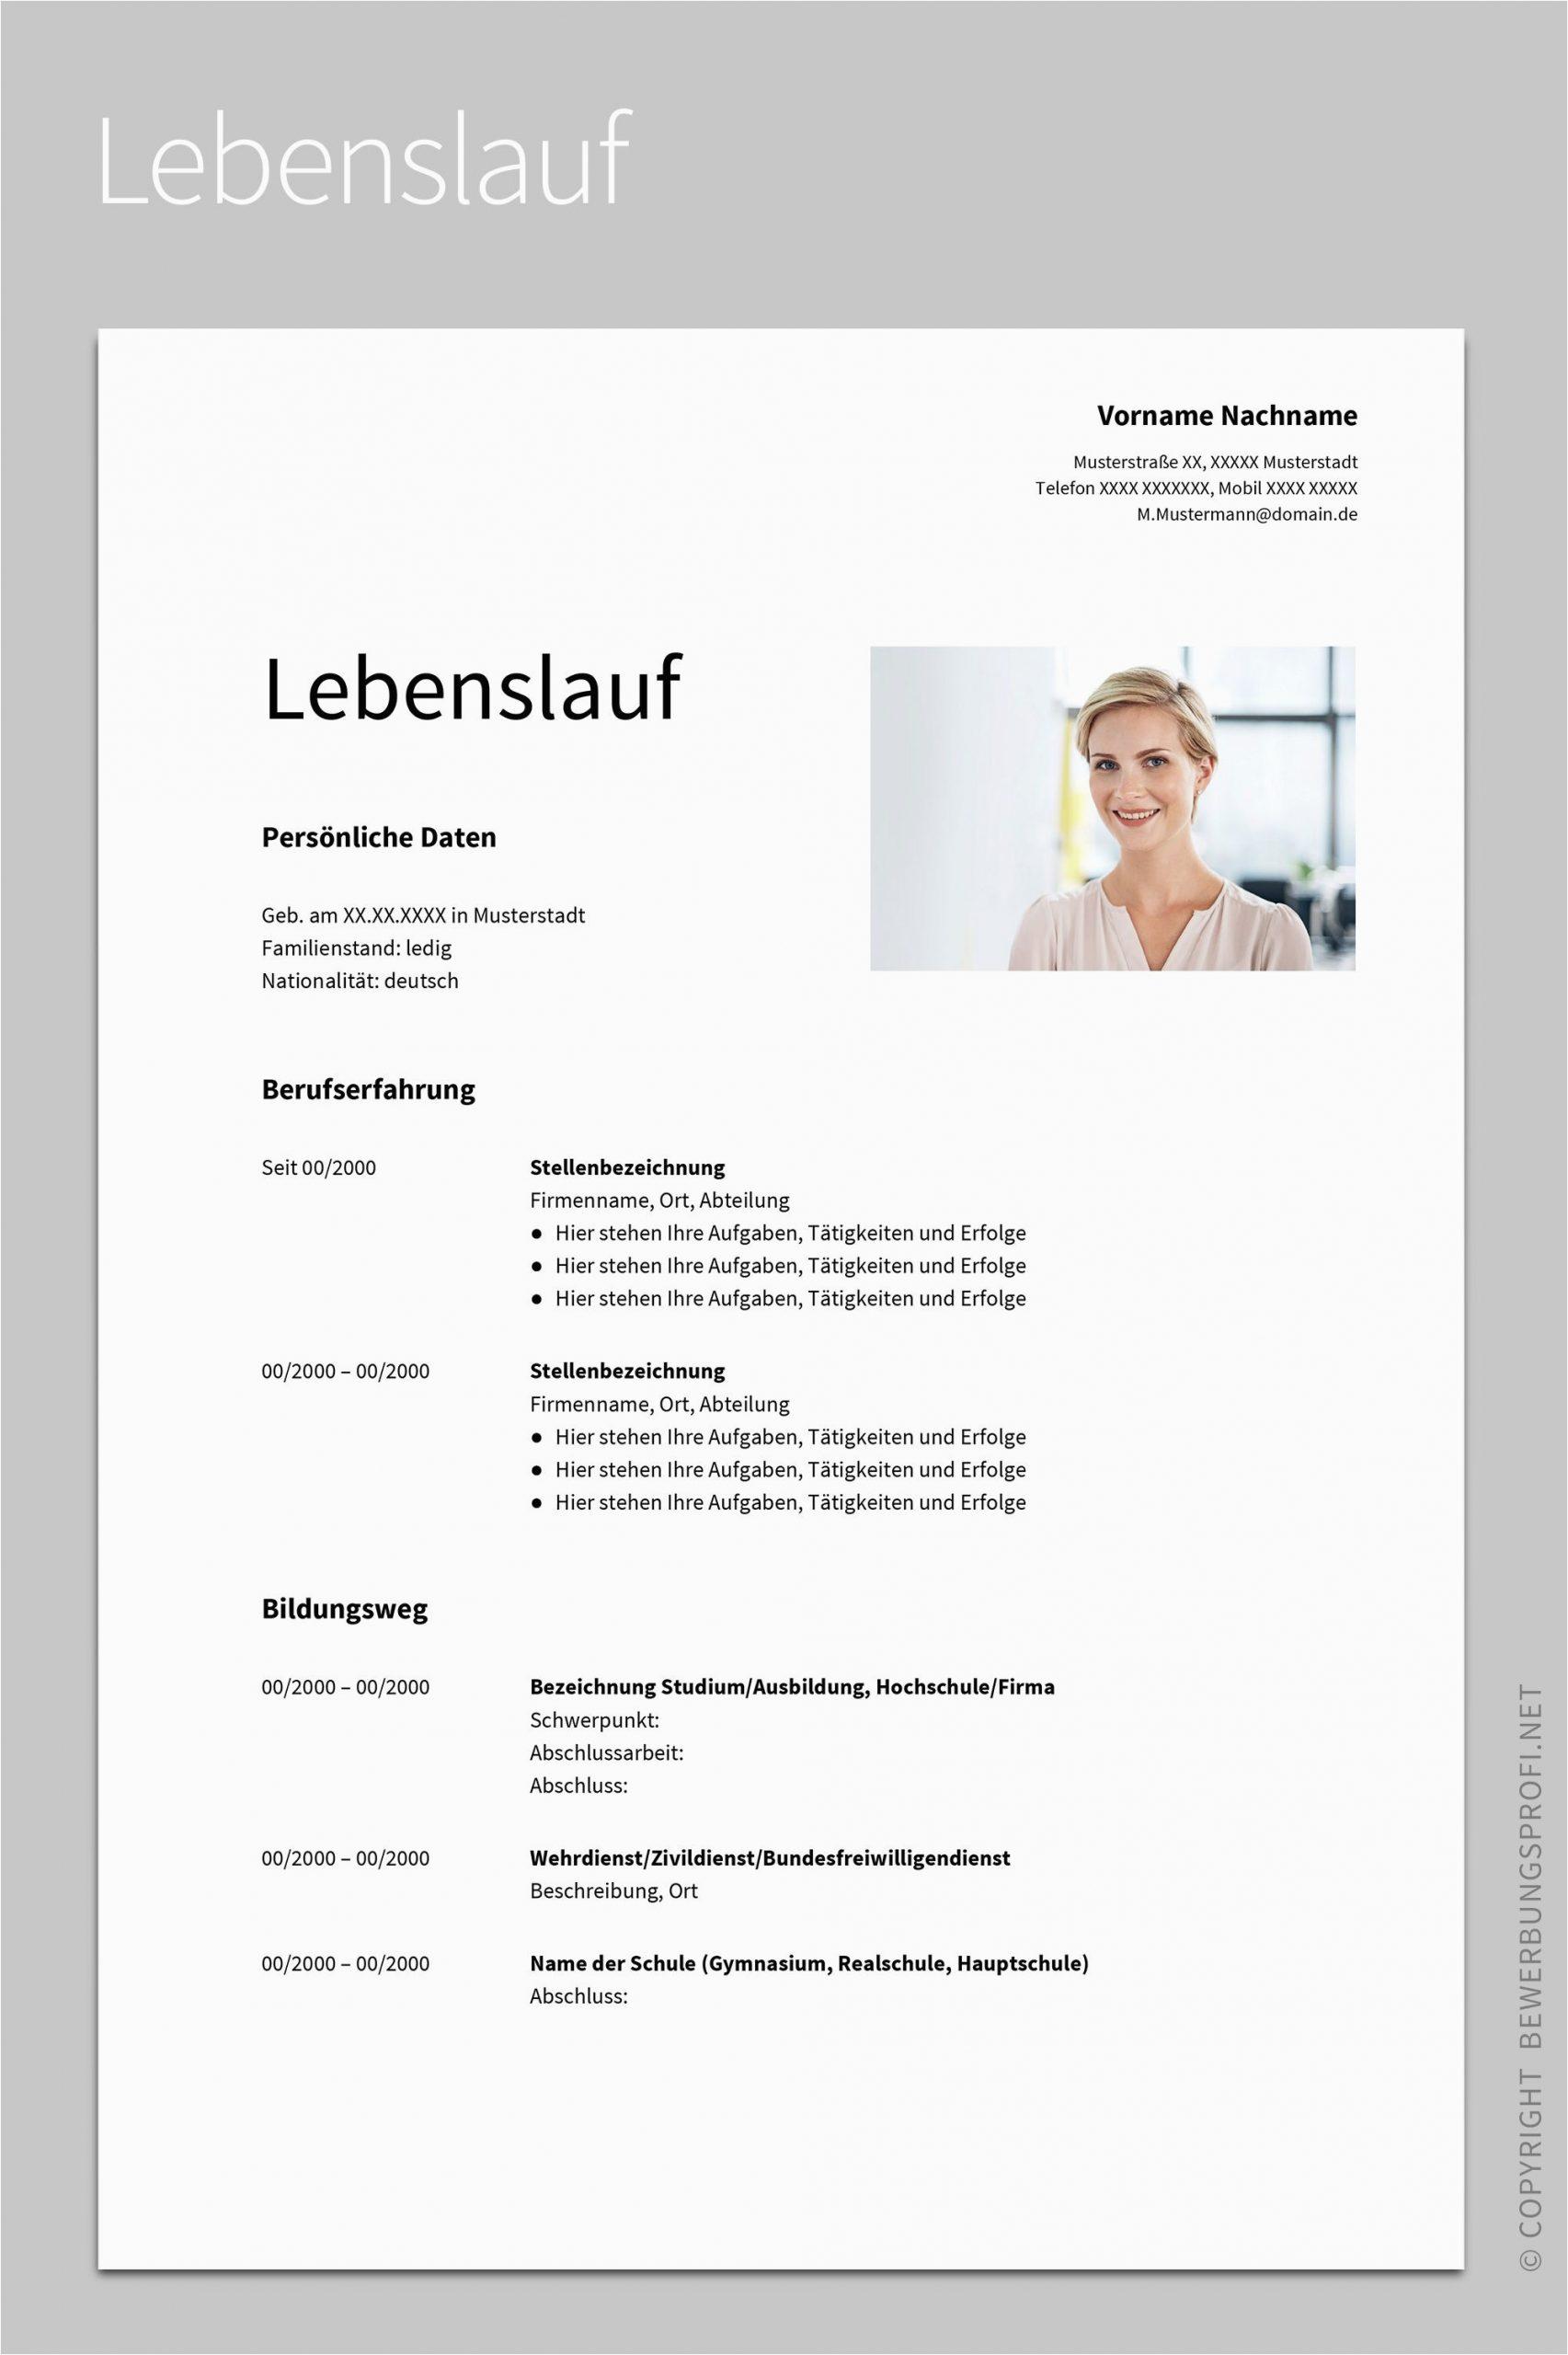 Lebenslauf Studium Design Bewerbung Albus 2020